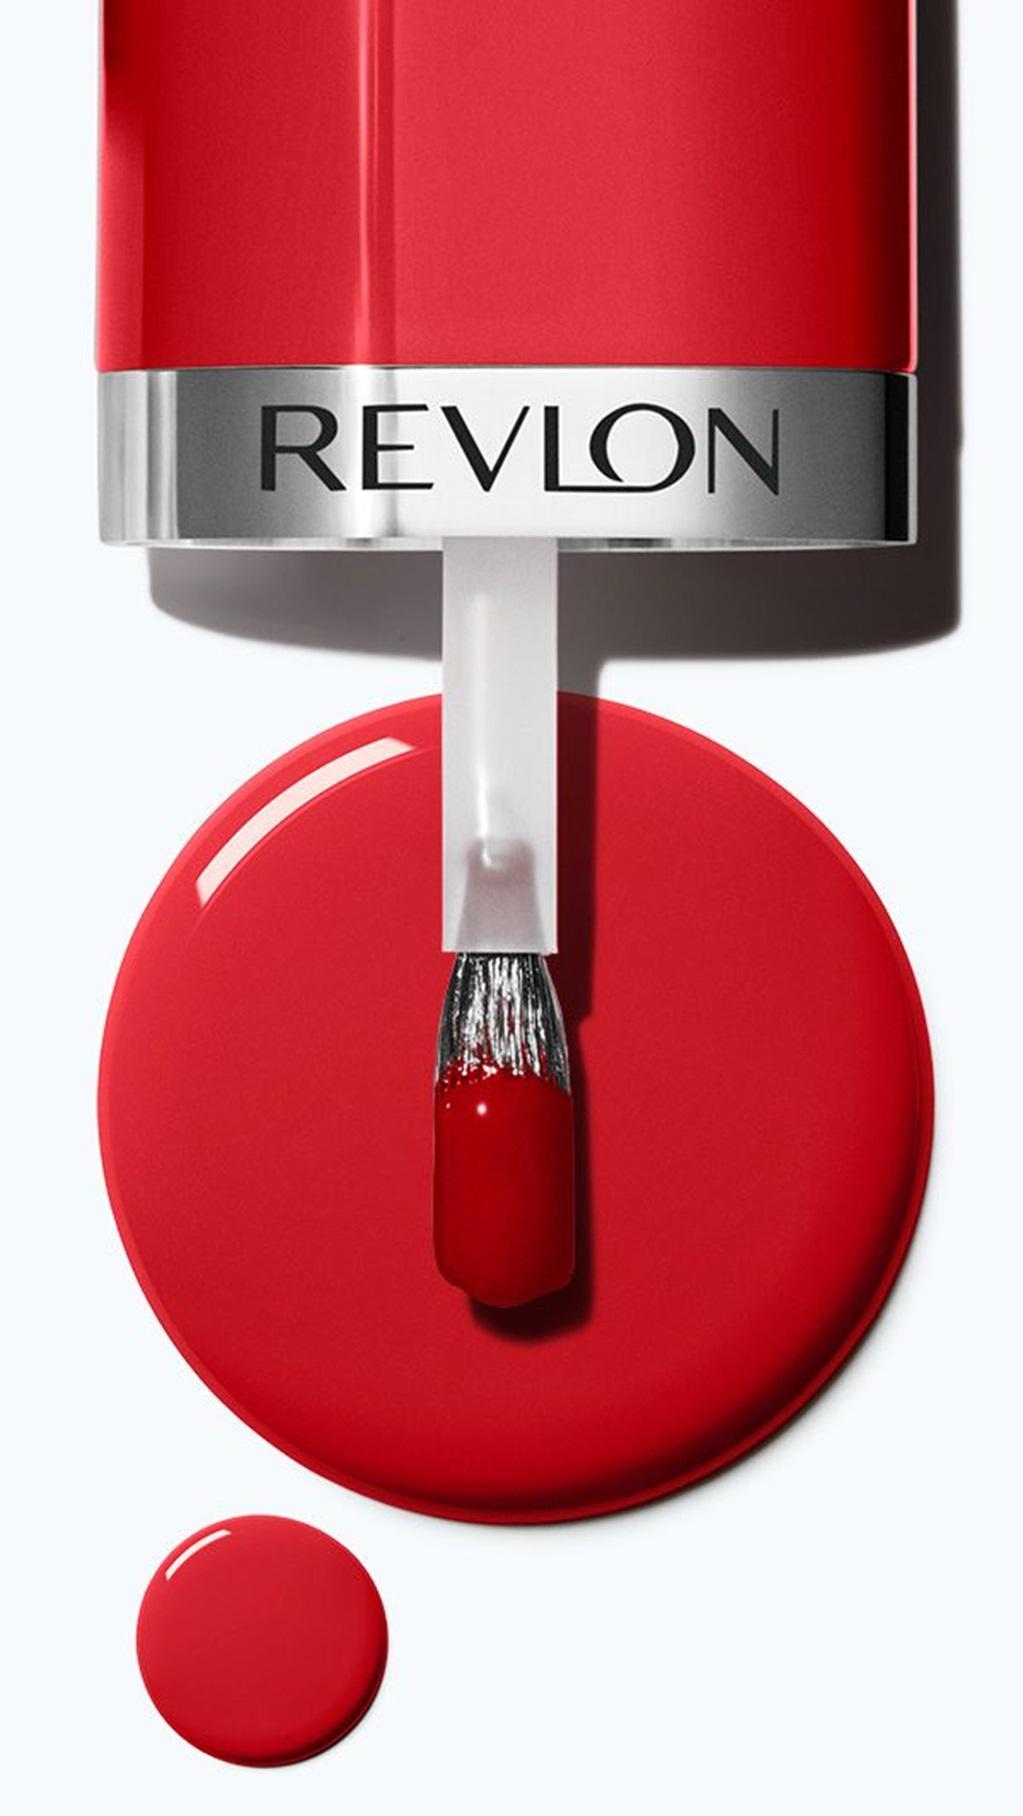 Revlon - One-coat. Vegan. 20-Free*. Snap and it's dry!